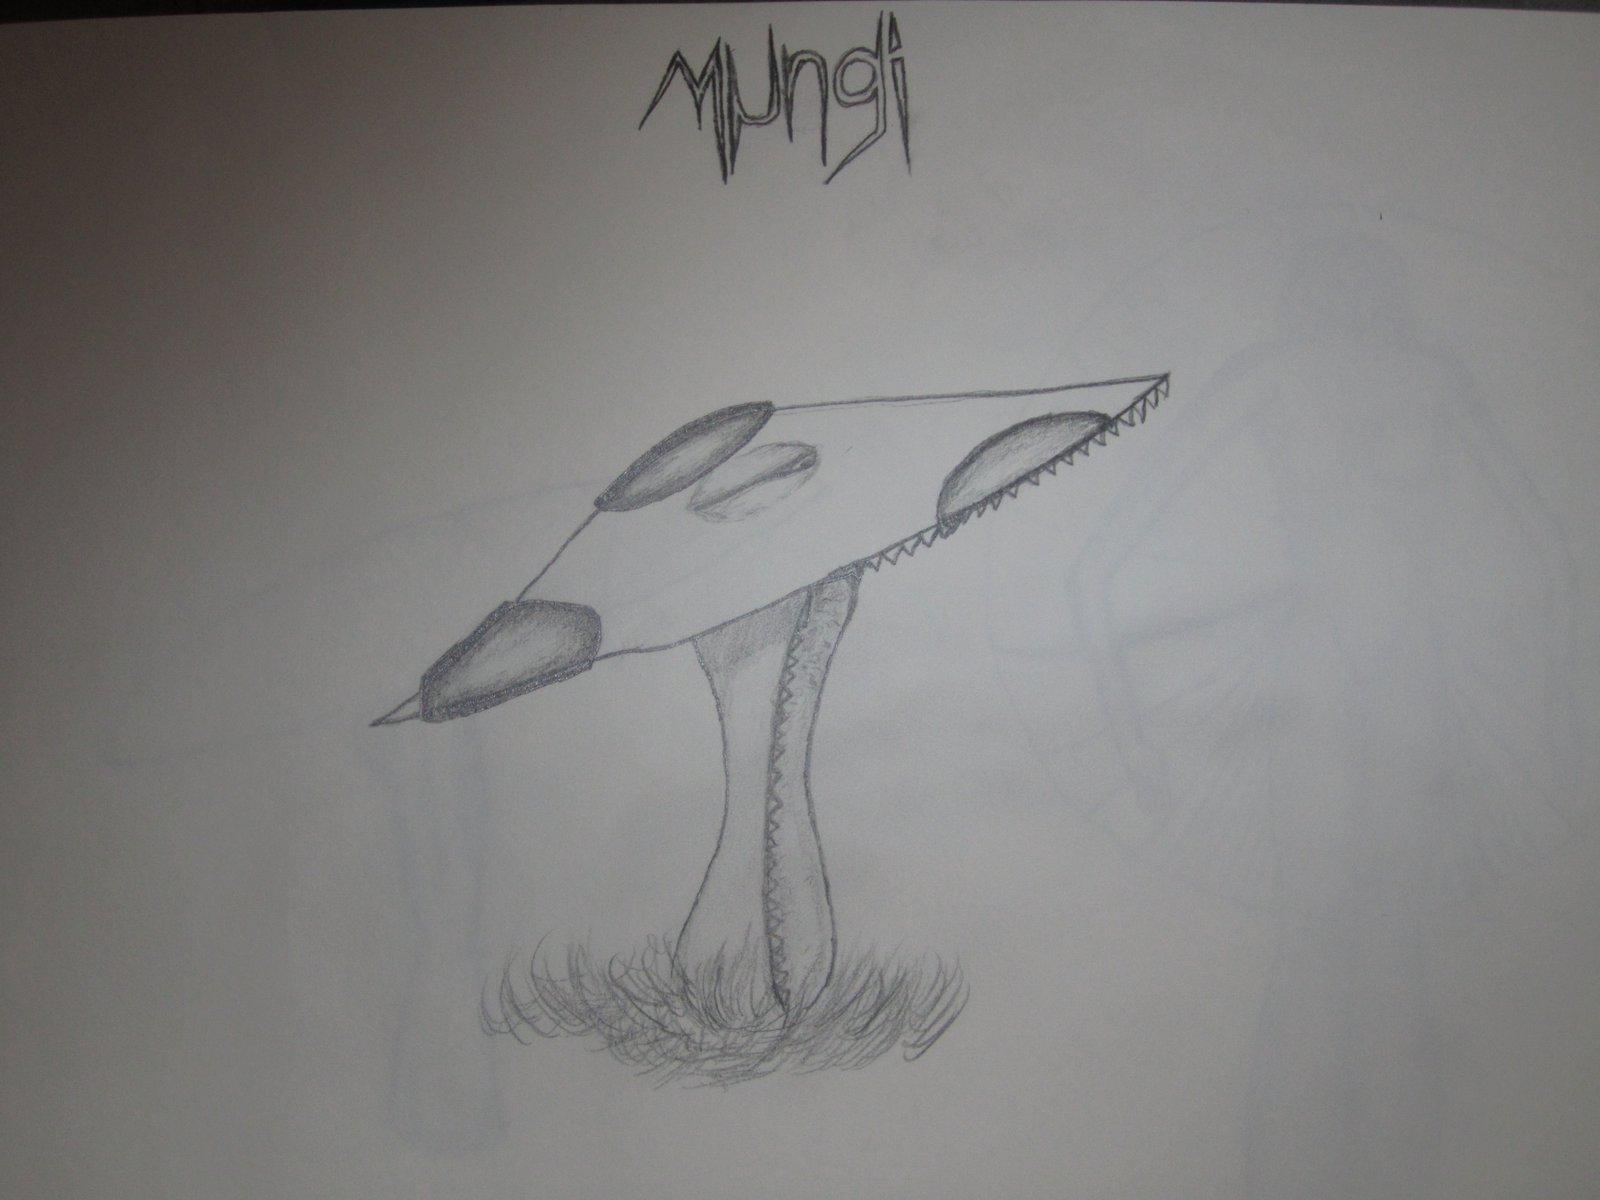 Mungi